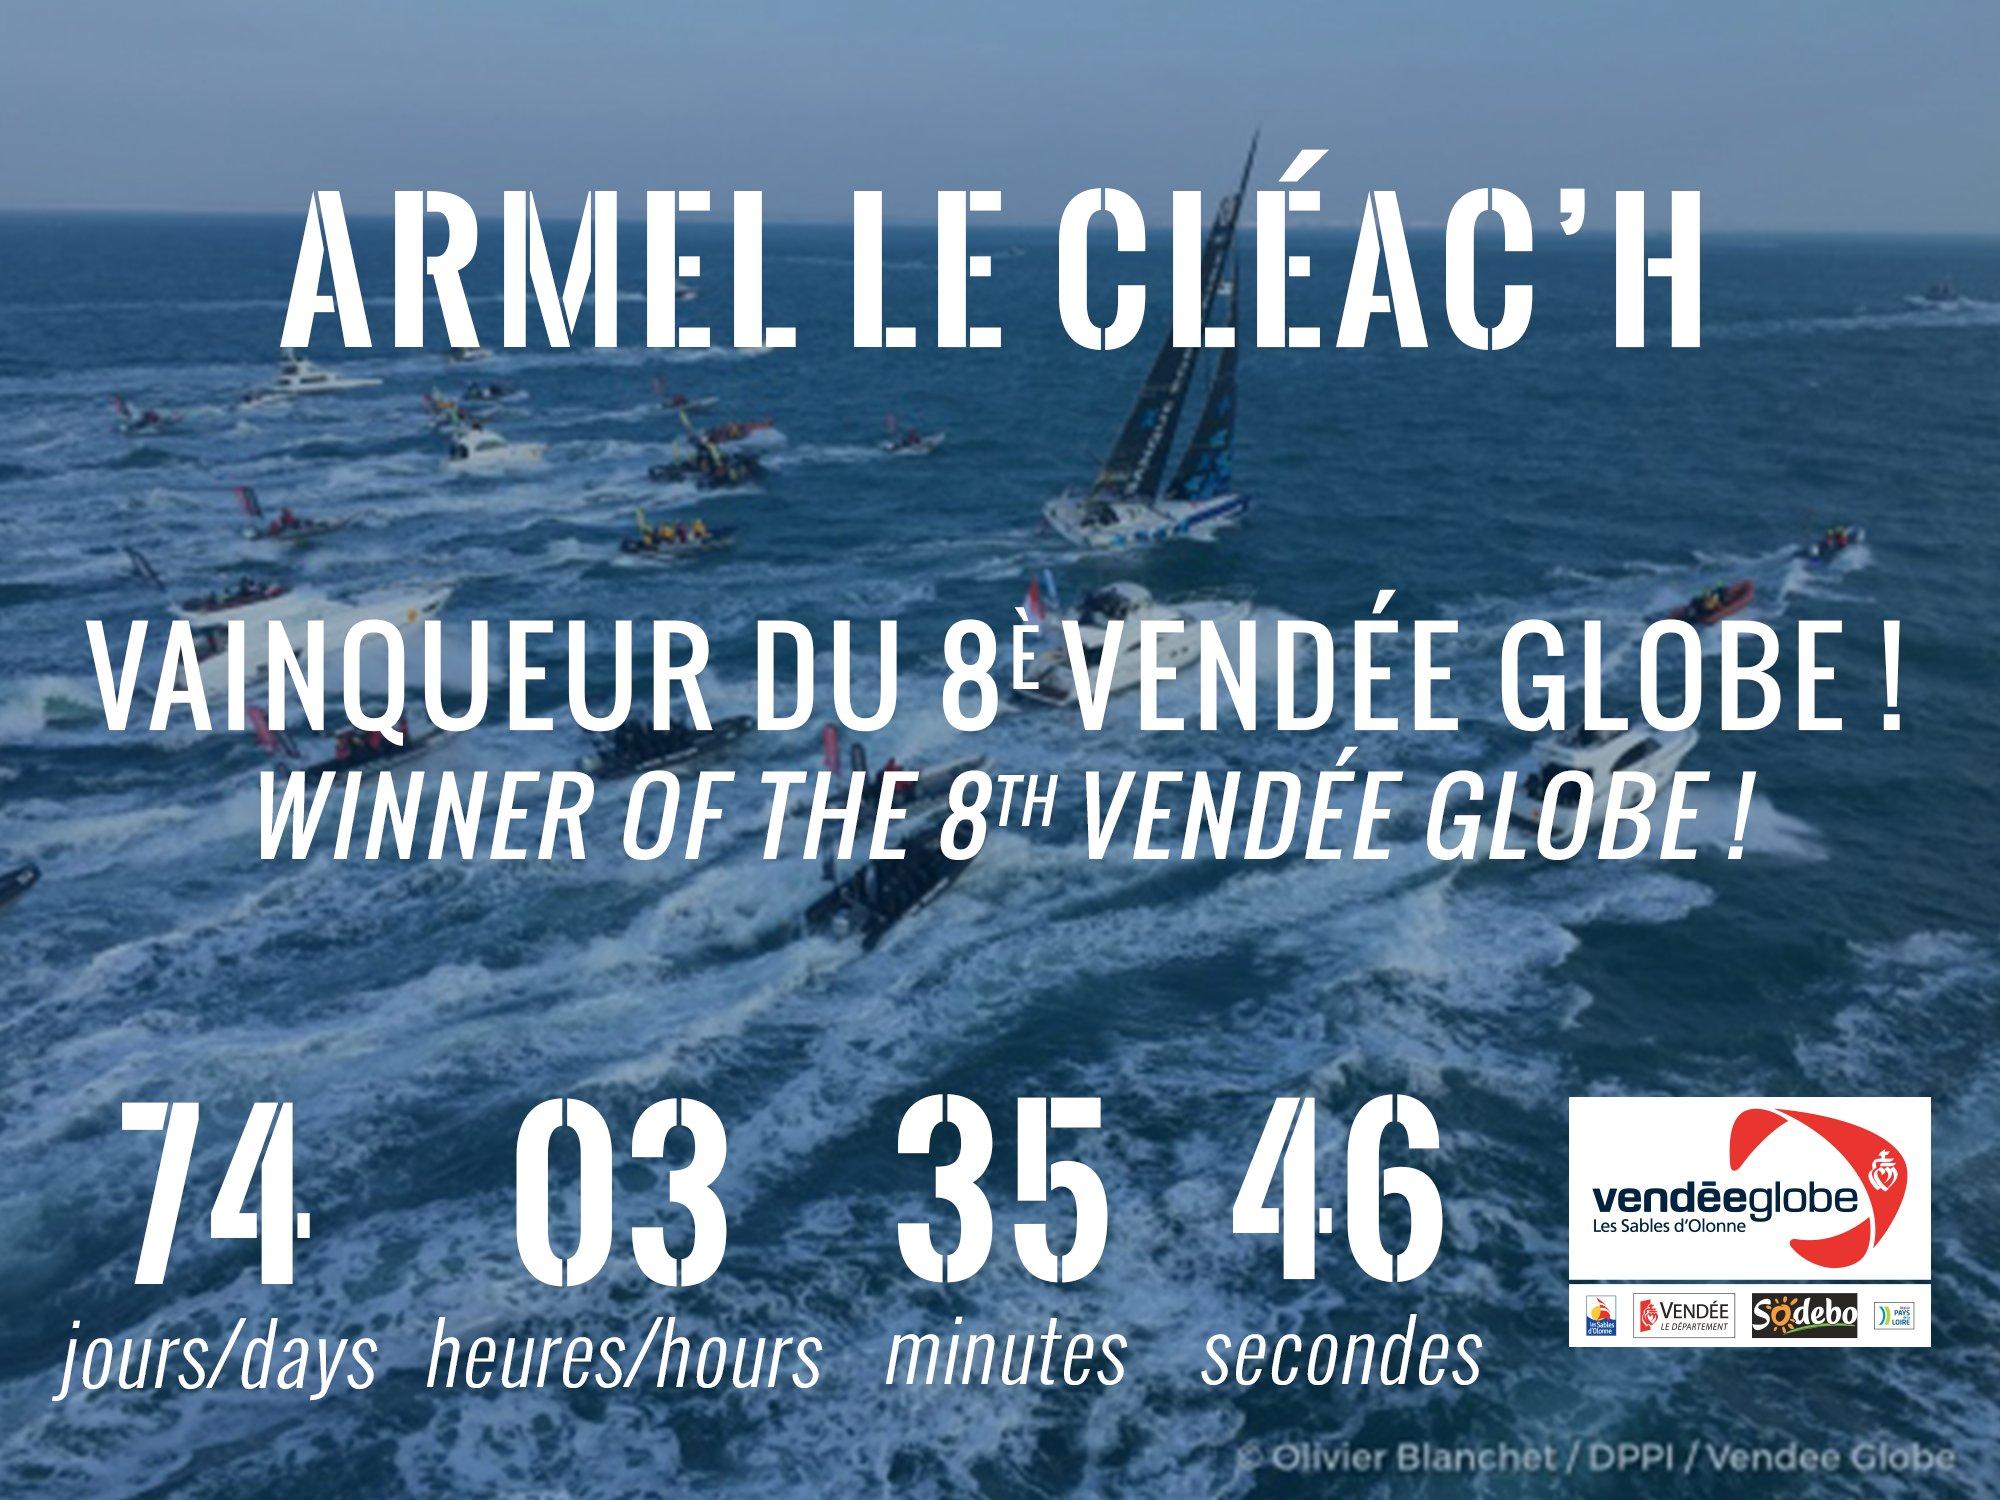 Tweet victoire Armel Le Cleach